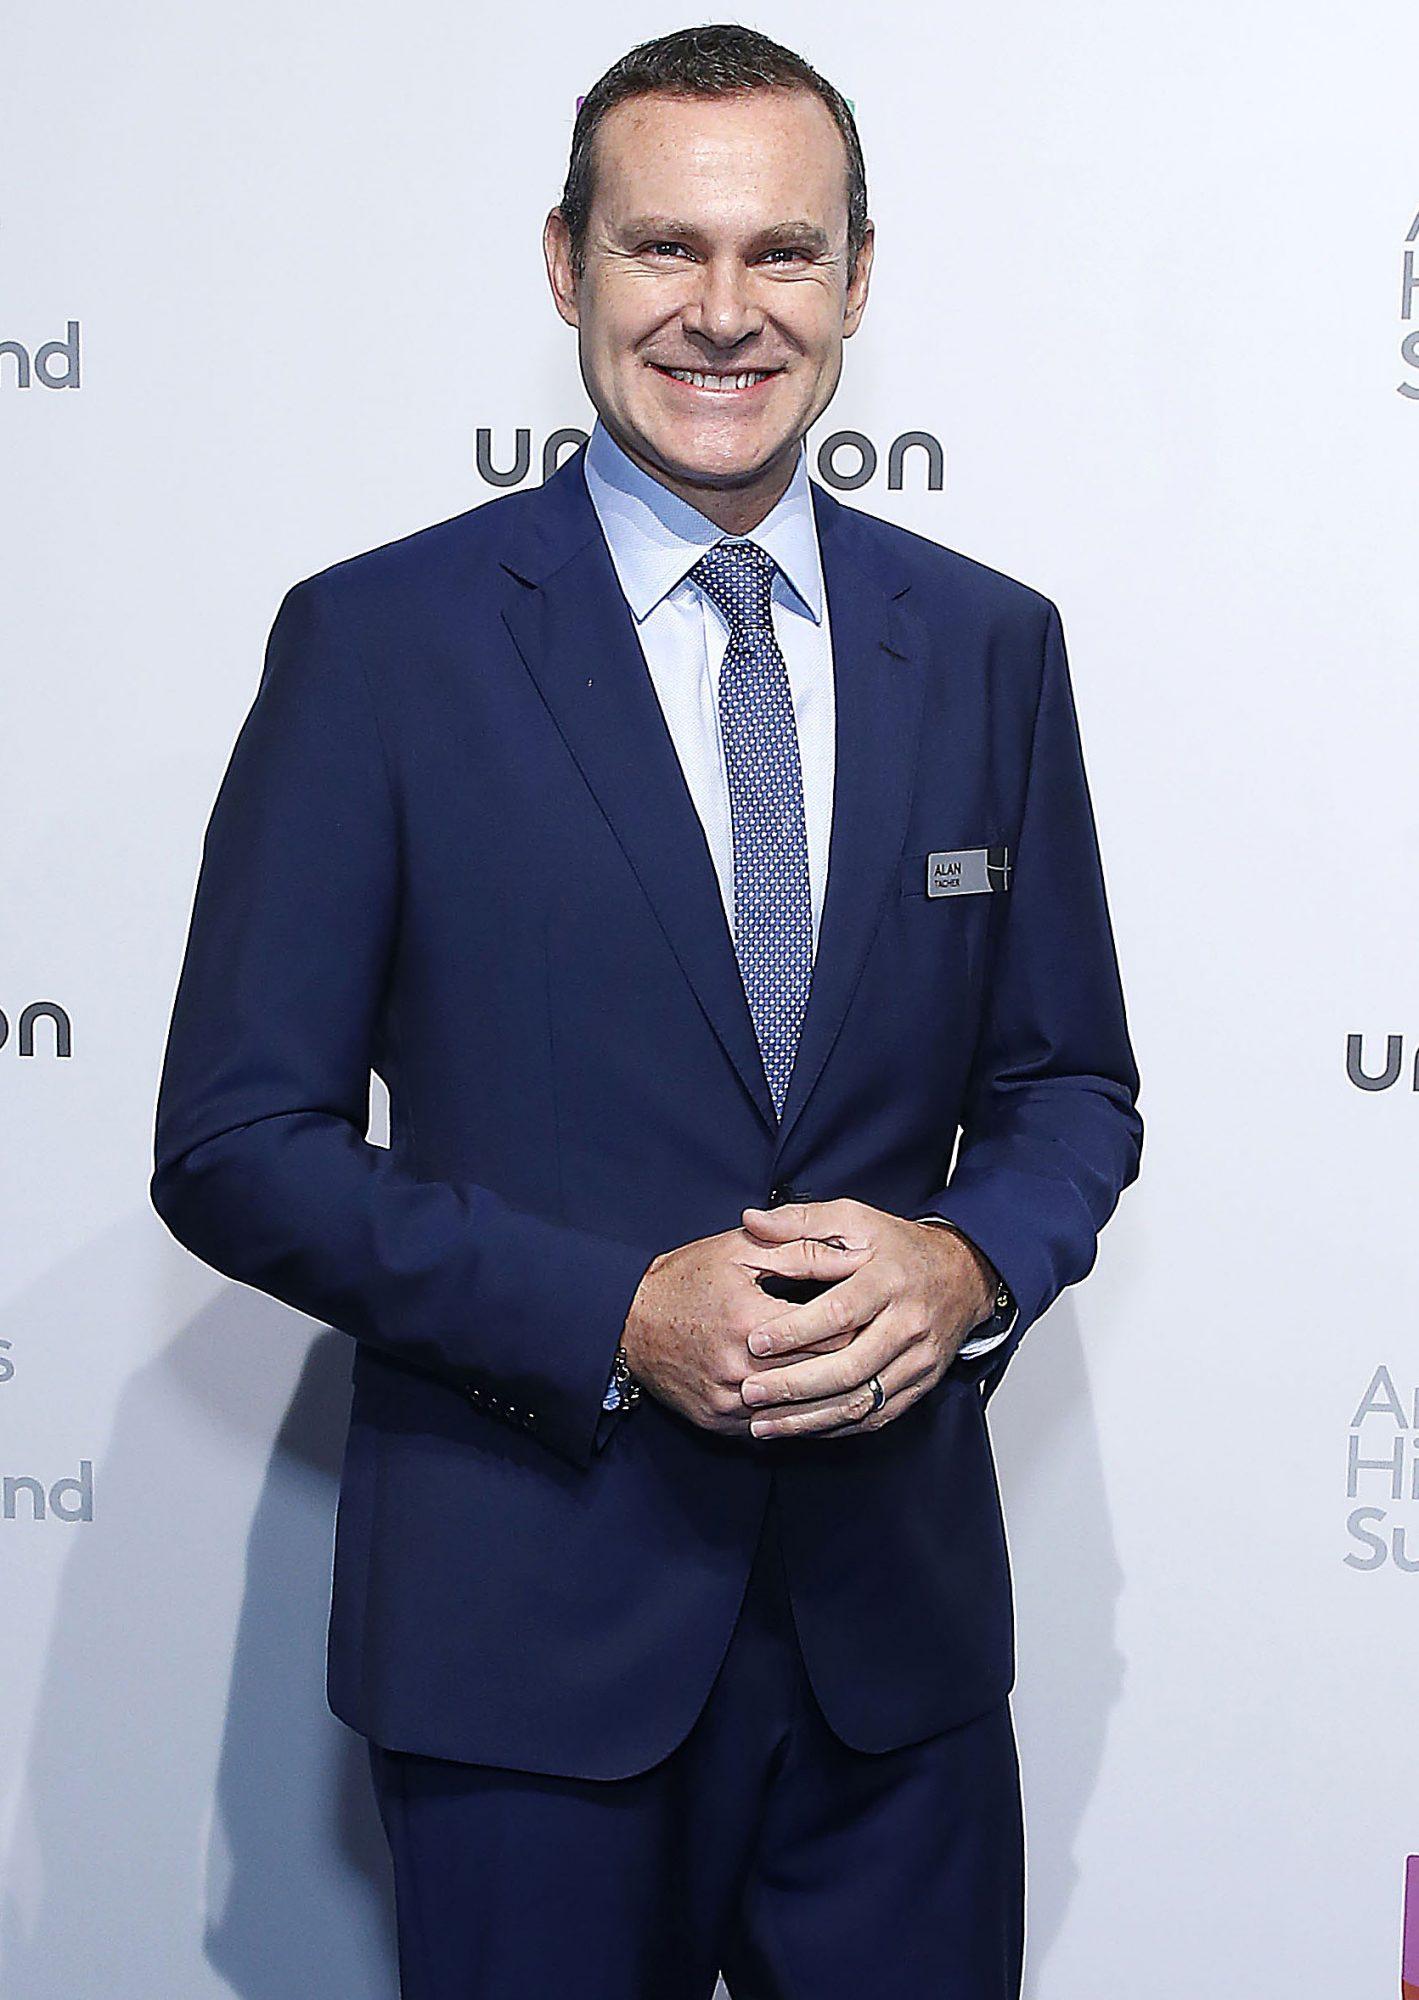 Alan Tacher en los 2019 Univision Upfront